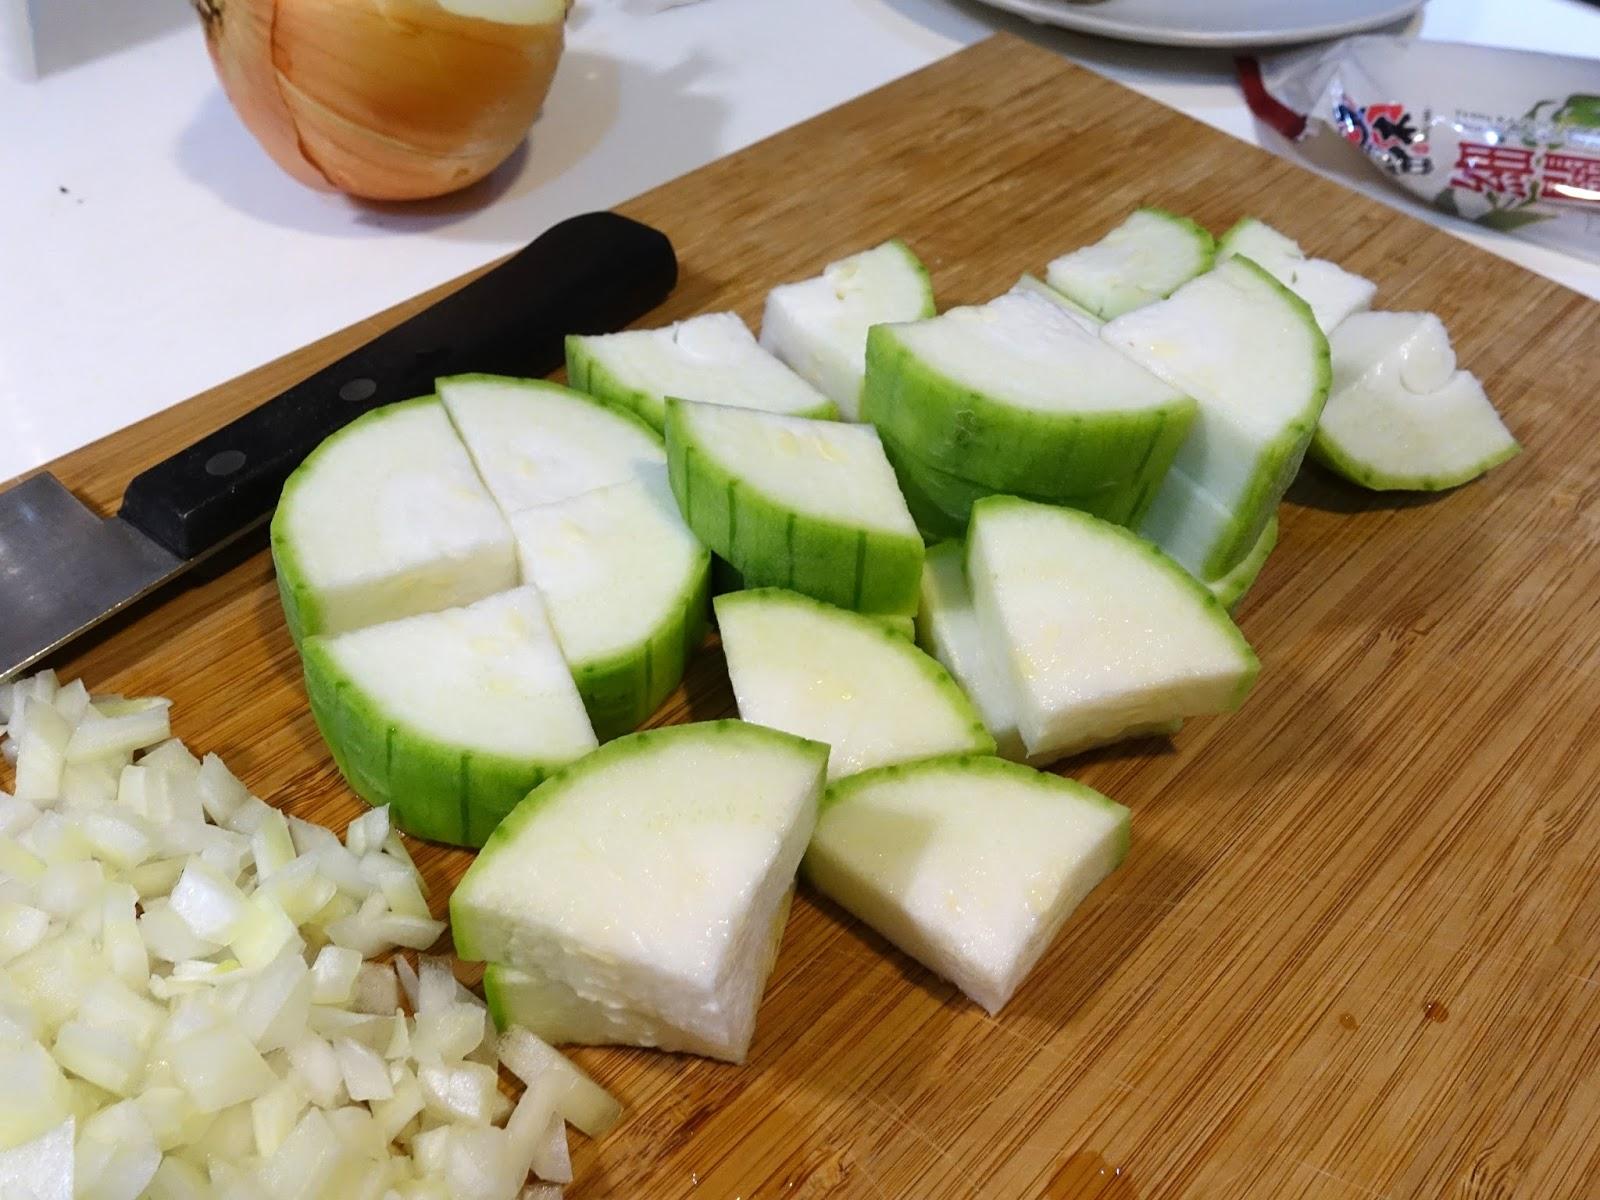 [食譜] 絲瓜蝦仁麵。夏季簡易好料理 | 西西烹飪筆記